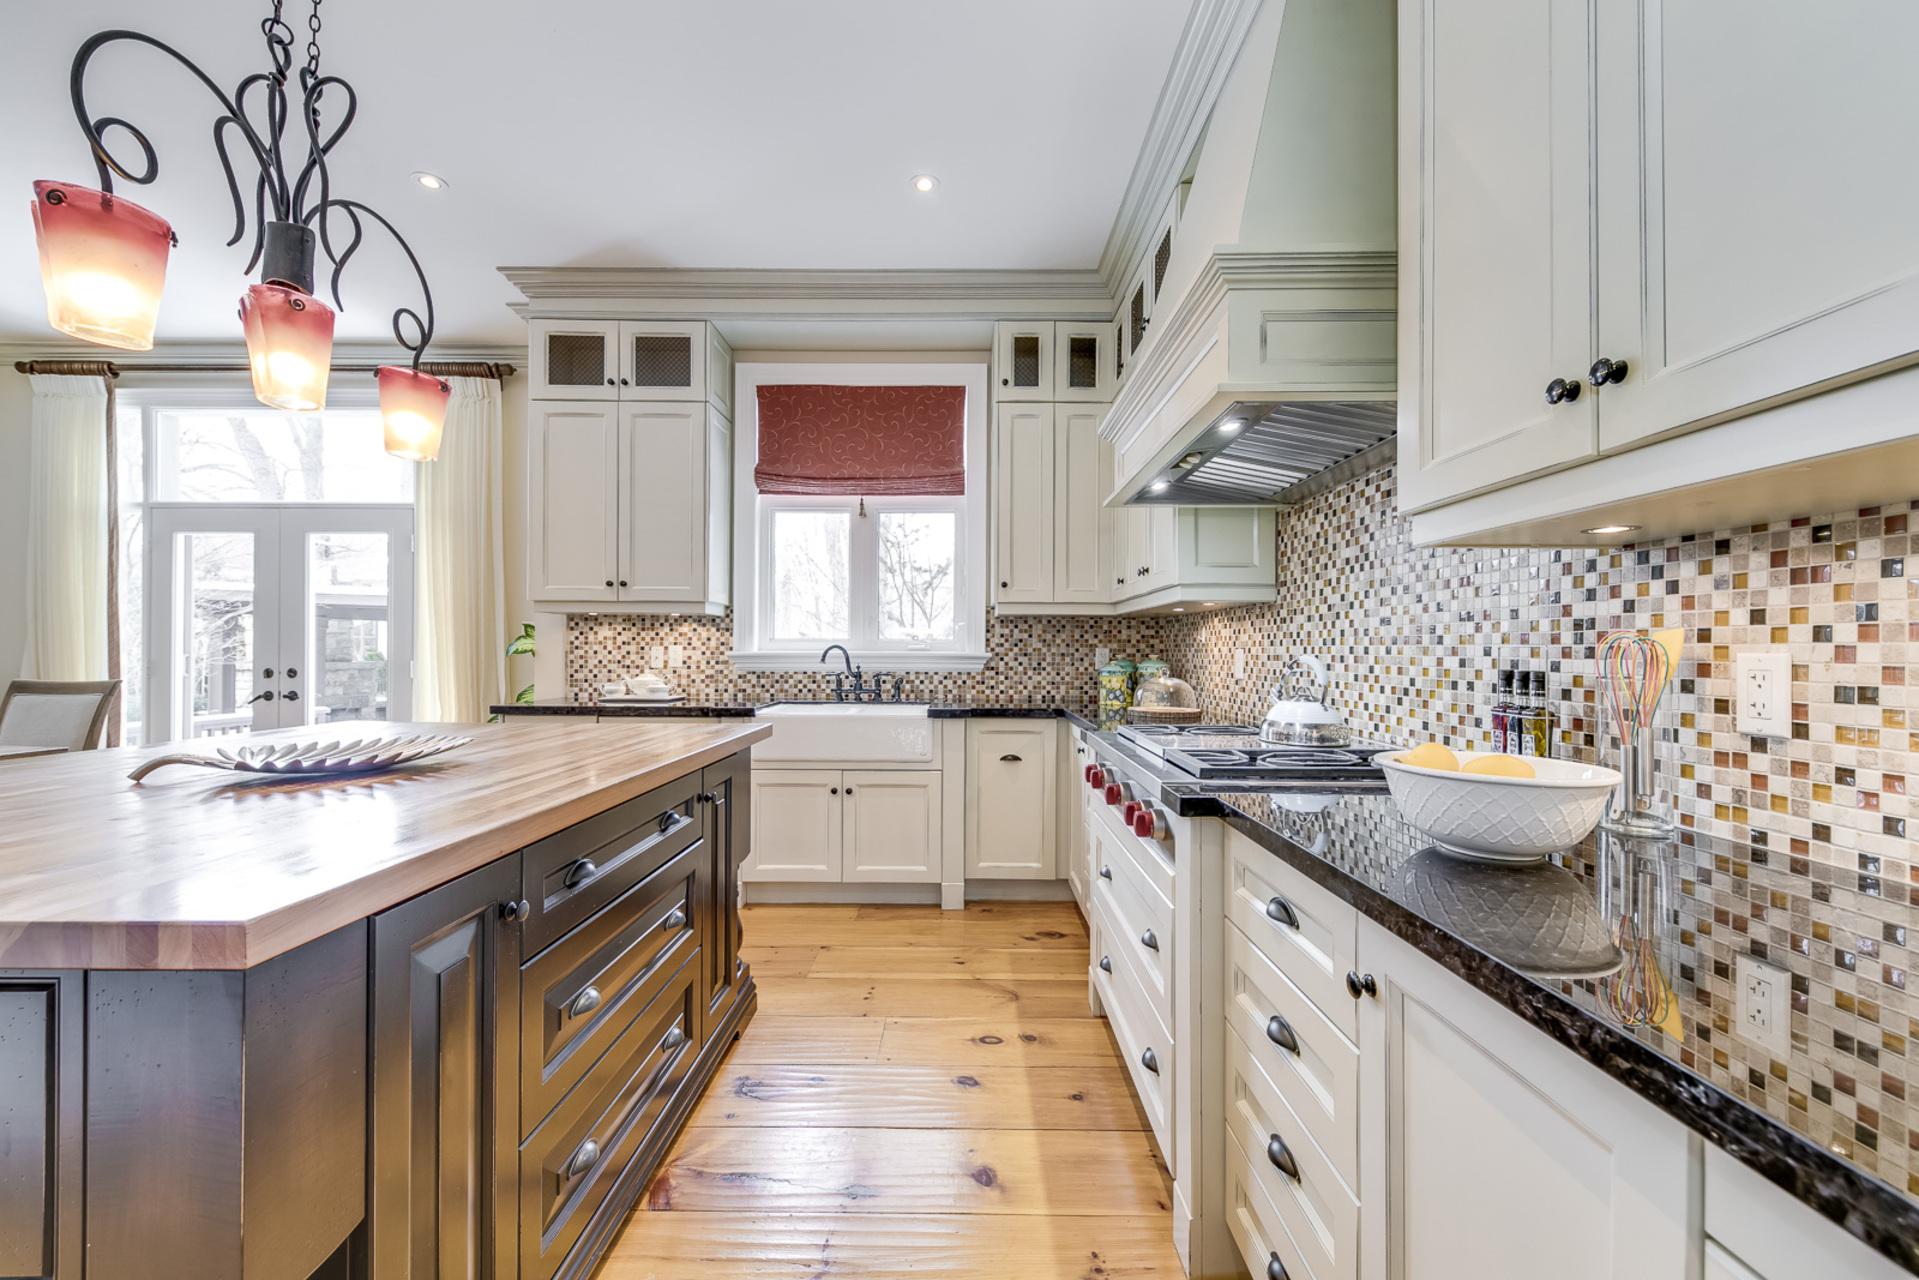 Kitchen - 725 Queensway W, Mississauga - Elite3 & Team at 725 Queensway West, Erindale, Mississauga